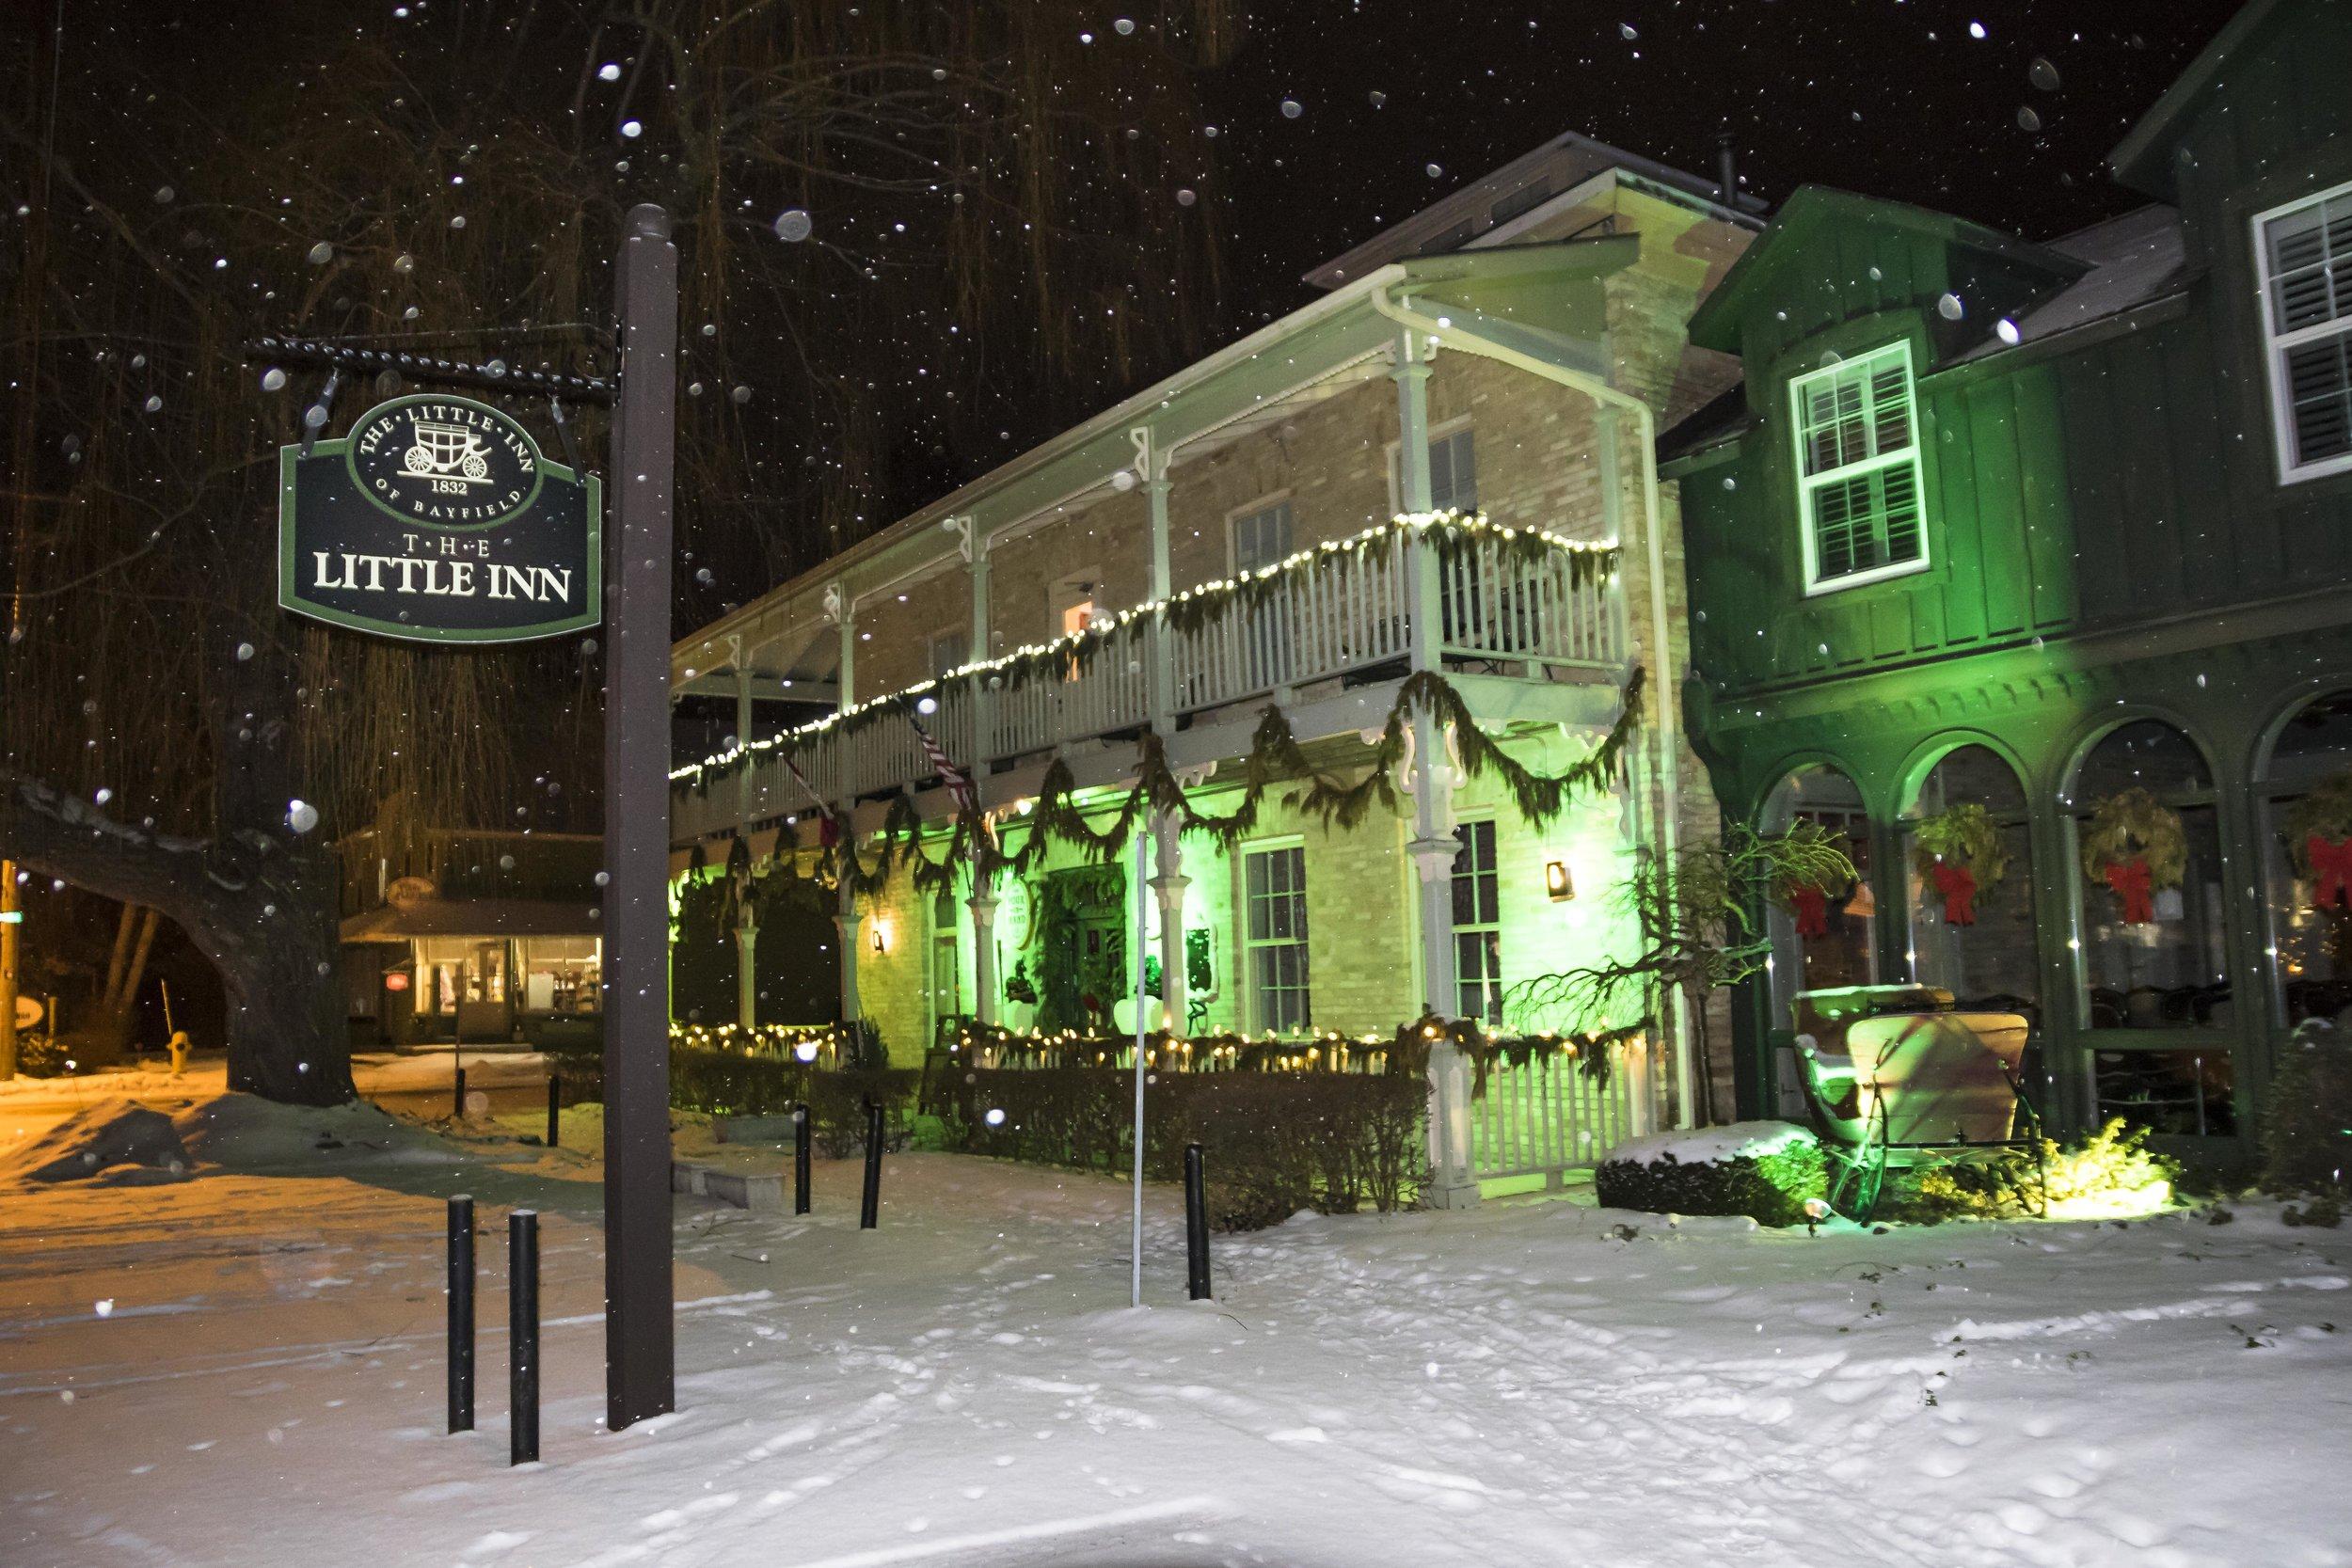 Snow at the Little Inn